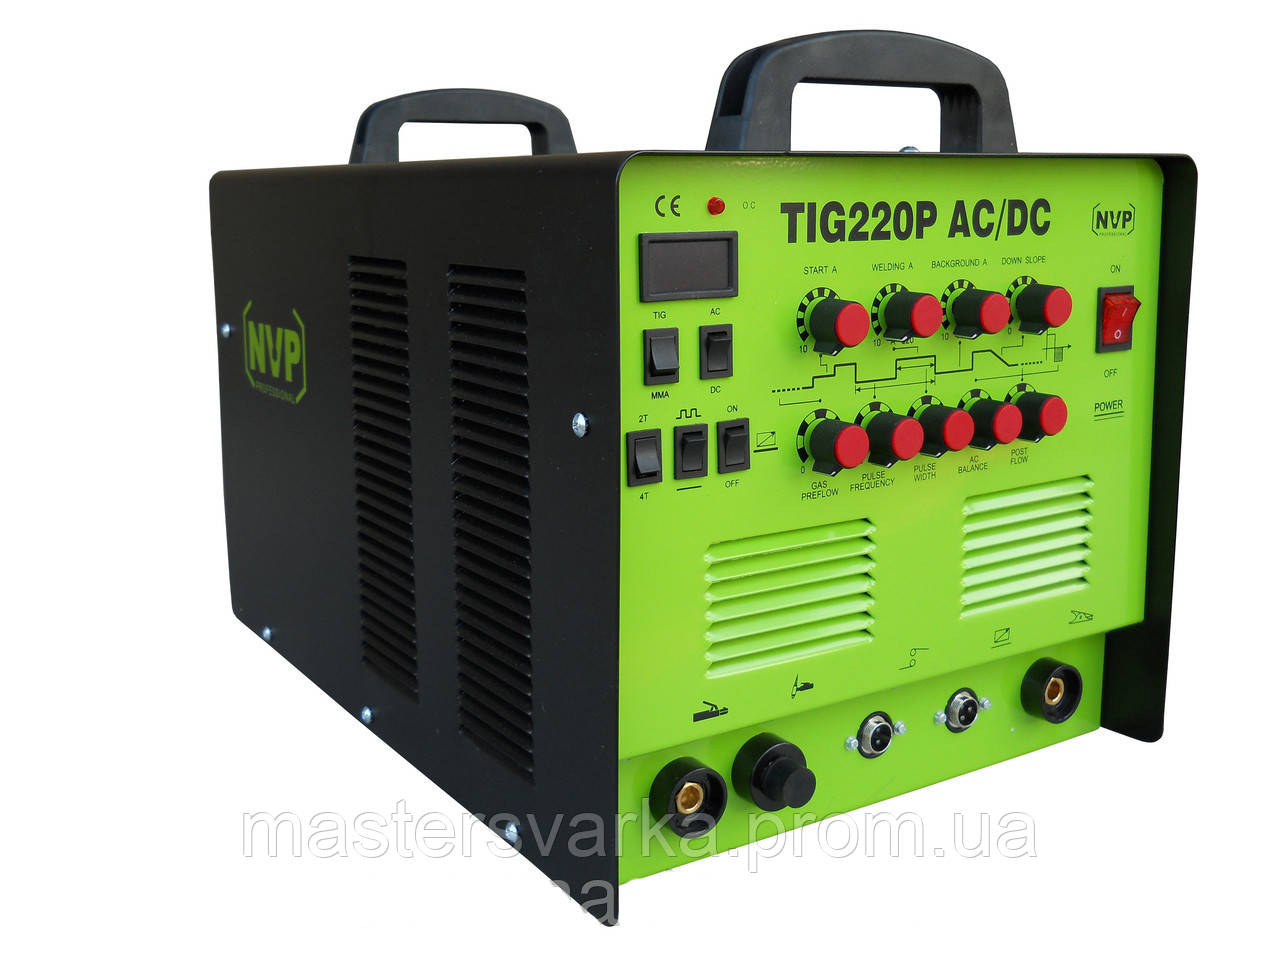 Аргонодуговой сварочный аппарат NVP TIG 220 ACDC